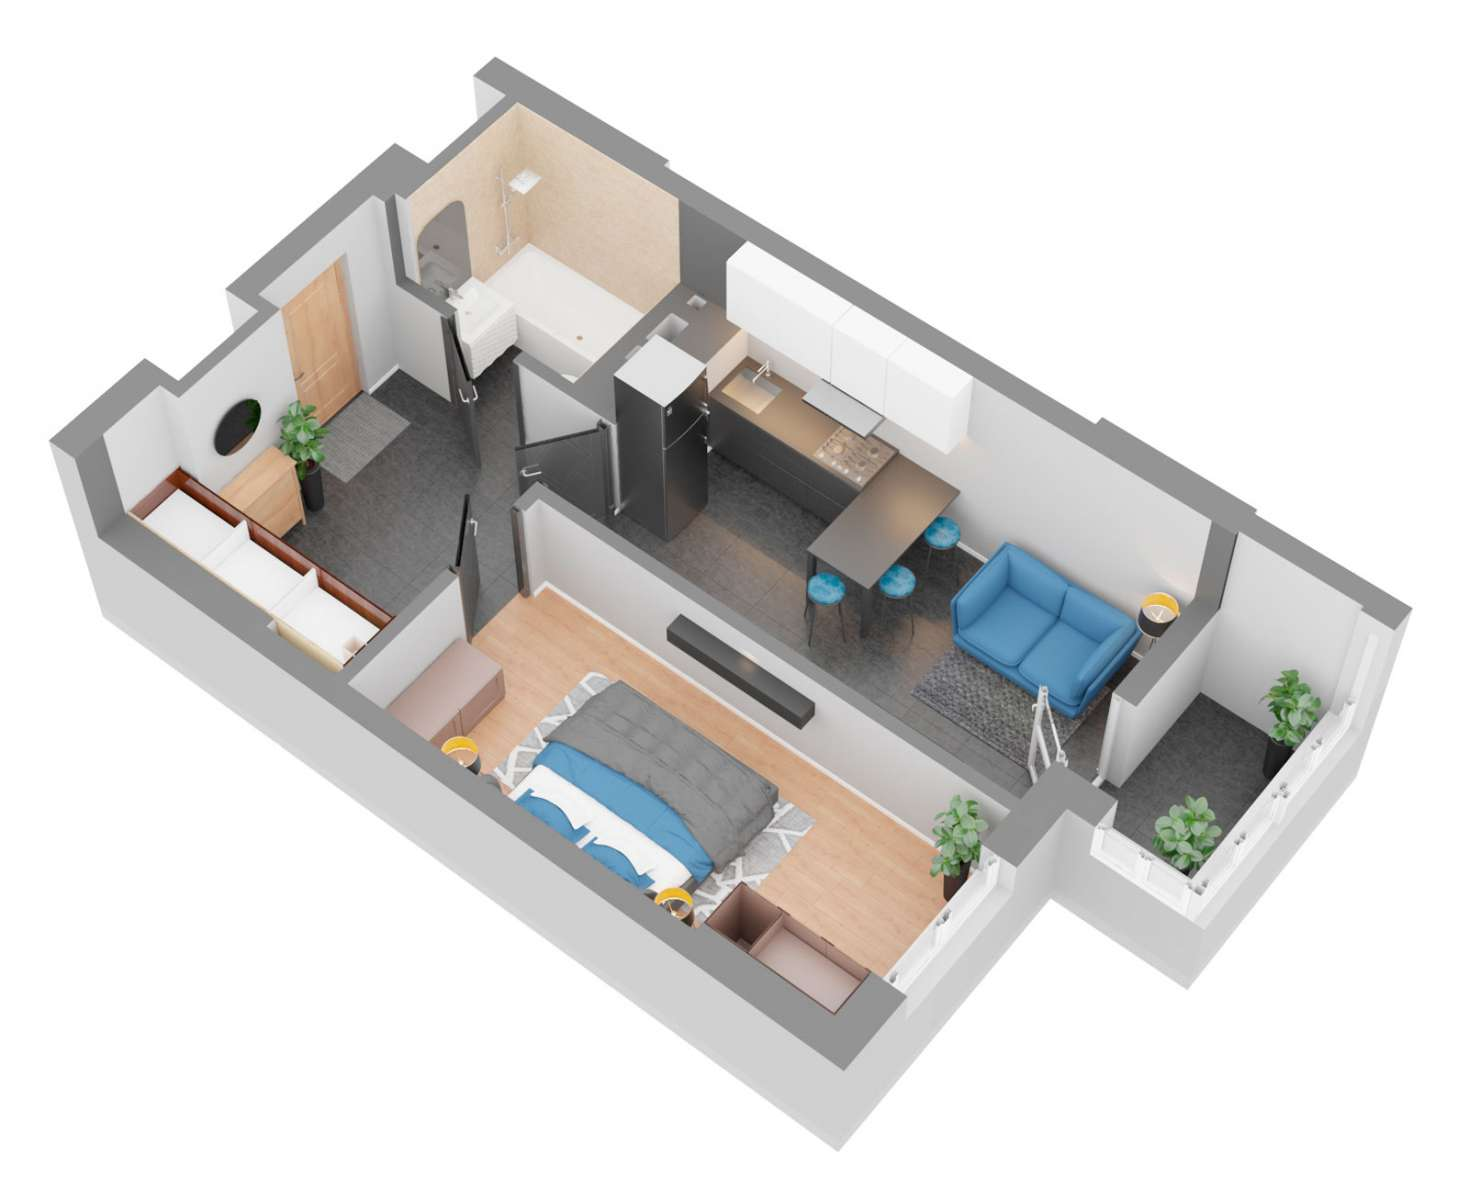 Продажа новая однокомнатная квартира планировка 1З от застройщика в ЖК 4U улица Наумова Киев. Агентство недвижимости